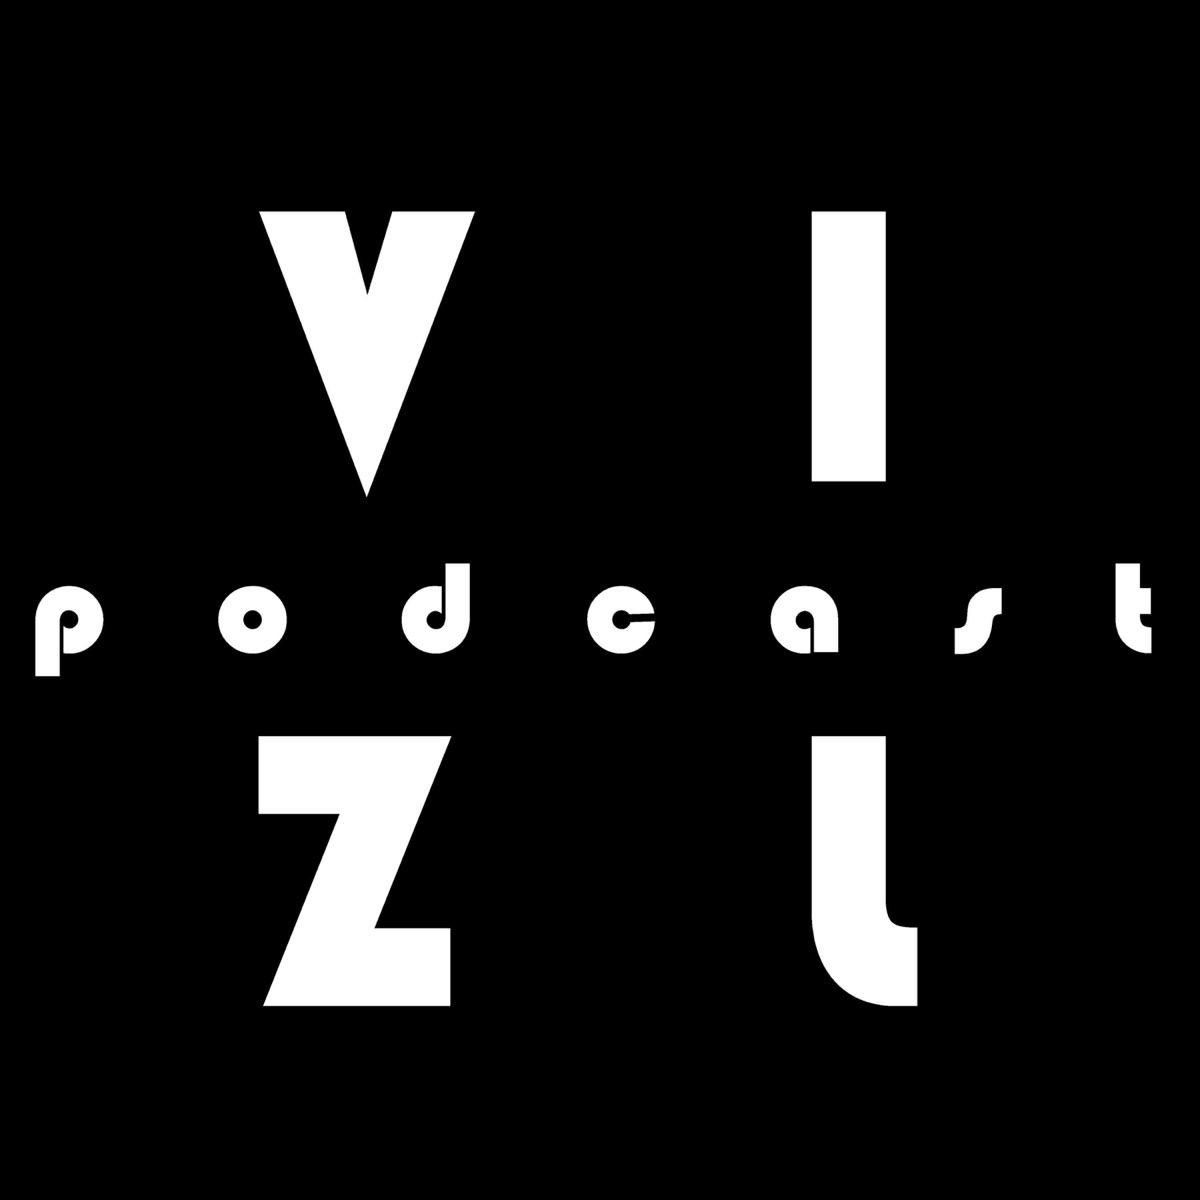 VIZL Podcast - подкаст о кино